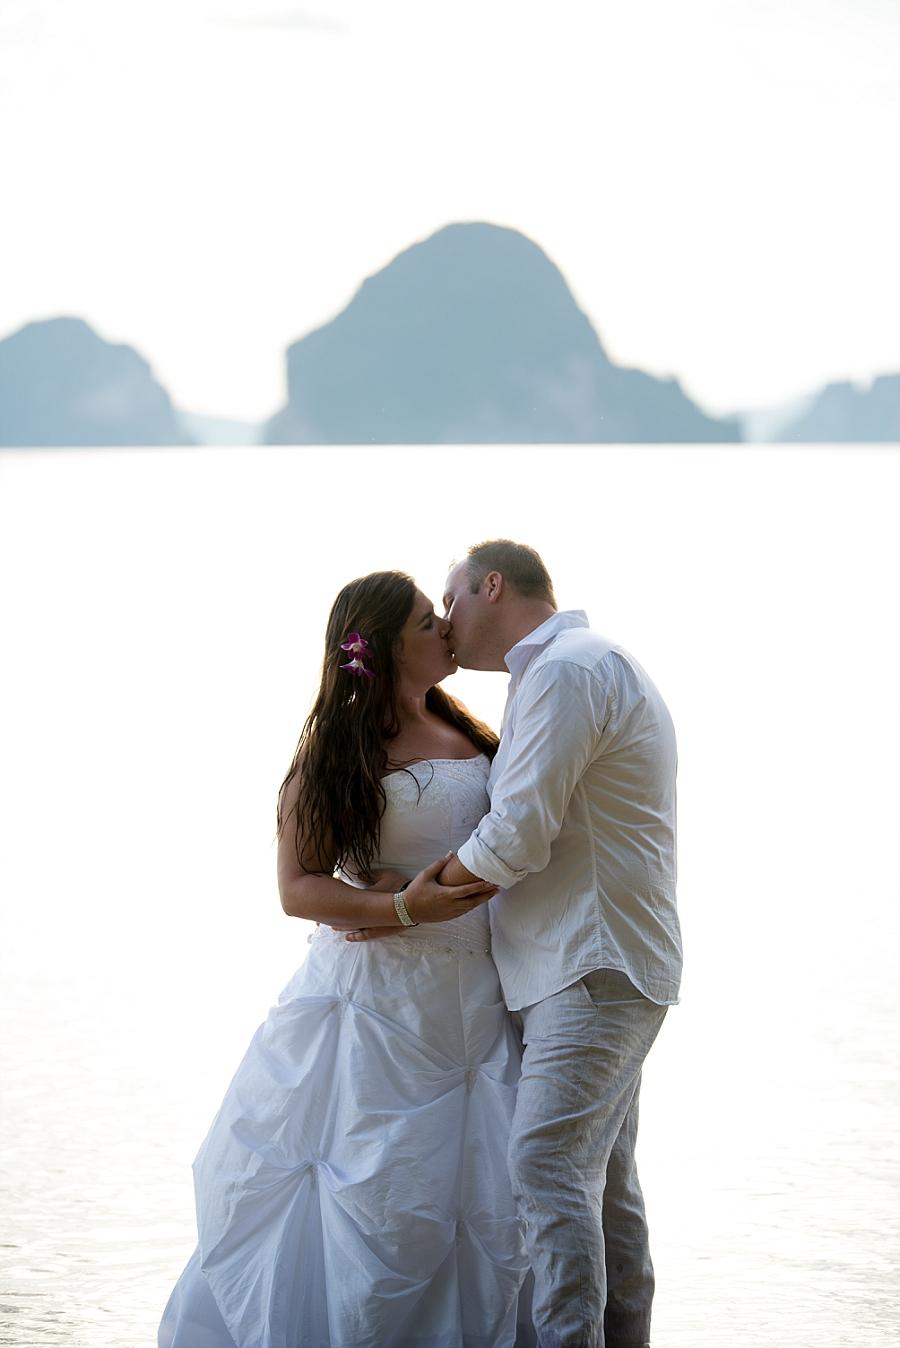 Darren Beser Photography - Cape Town Wedding Photographer_0010.jpg